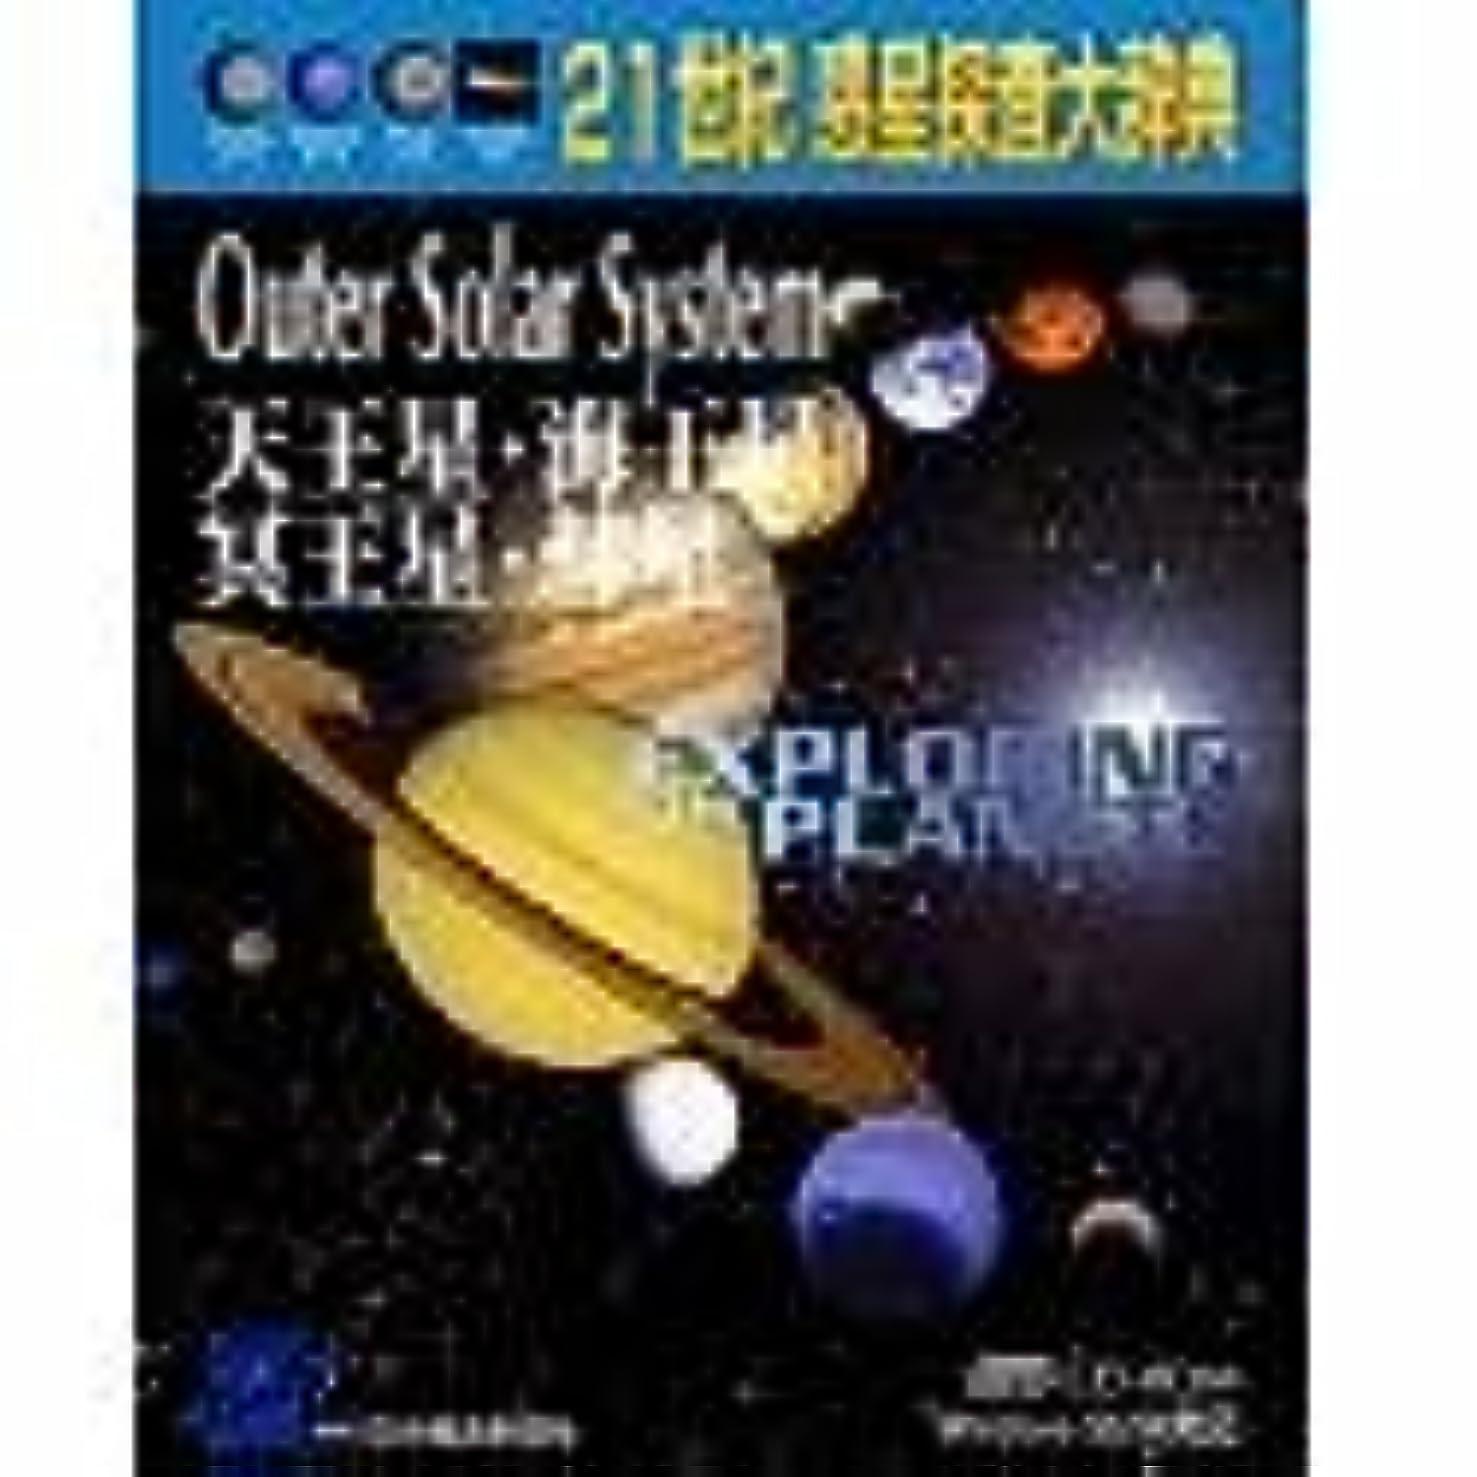 原始的な識字ビーム21世紀 惑星探査大辞典 土星